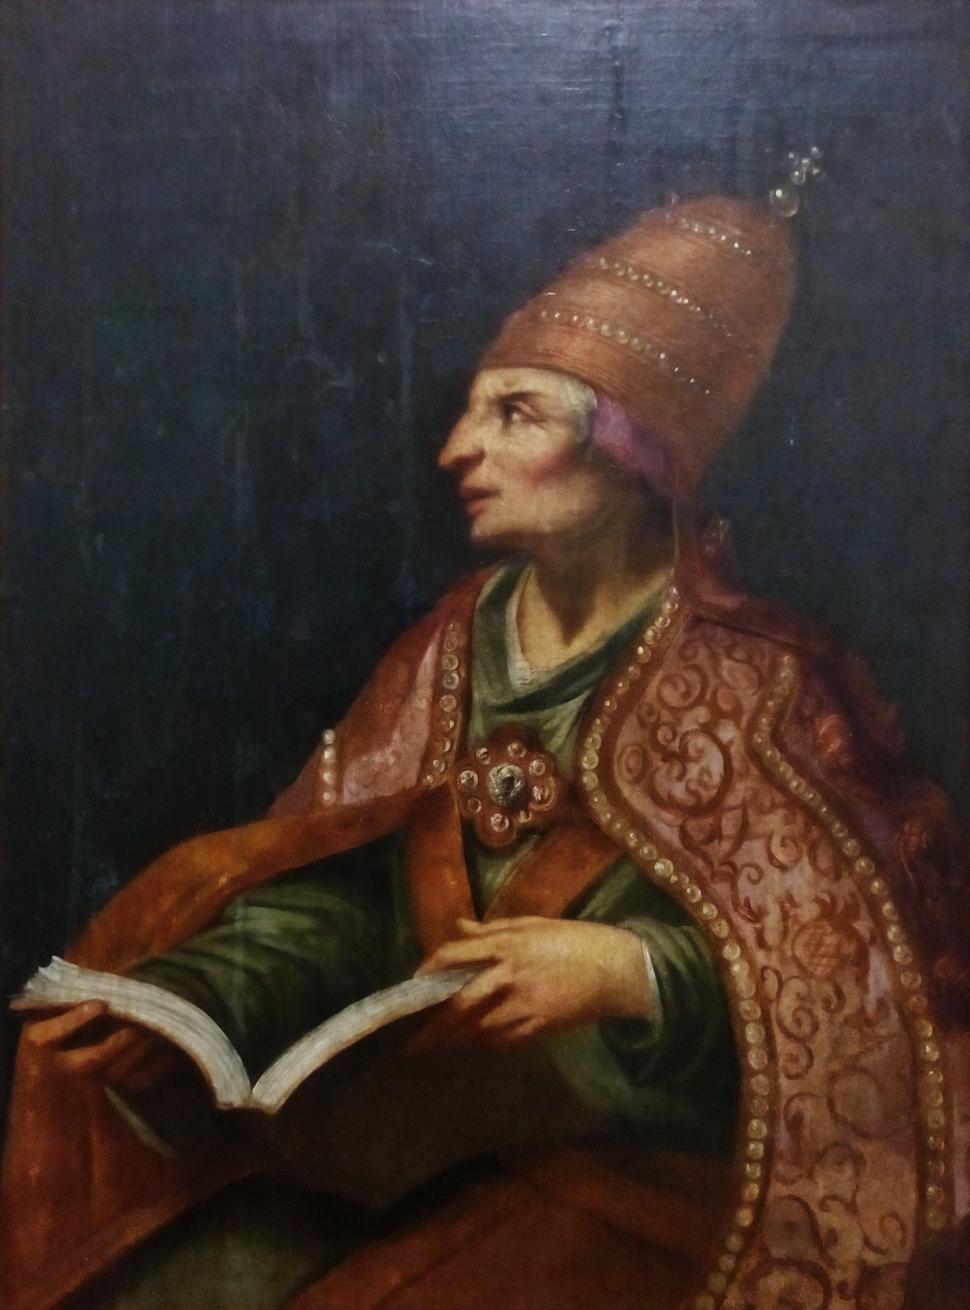 Gregório X (Museu da Saúde, MS.PNT.00030)